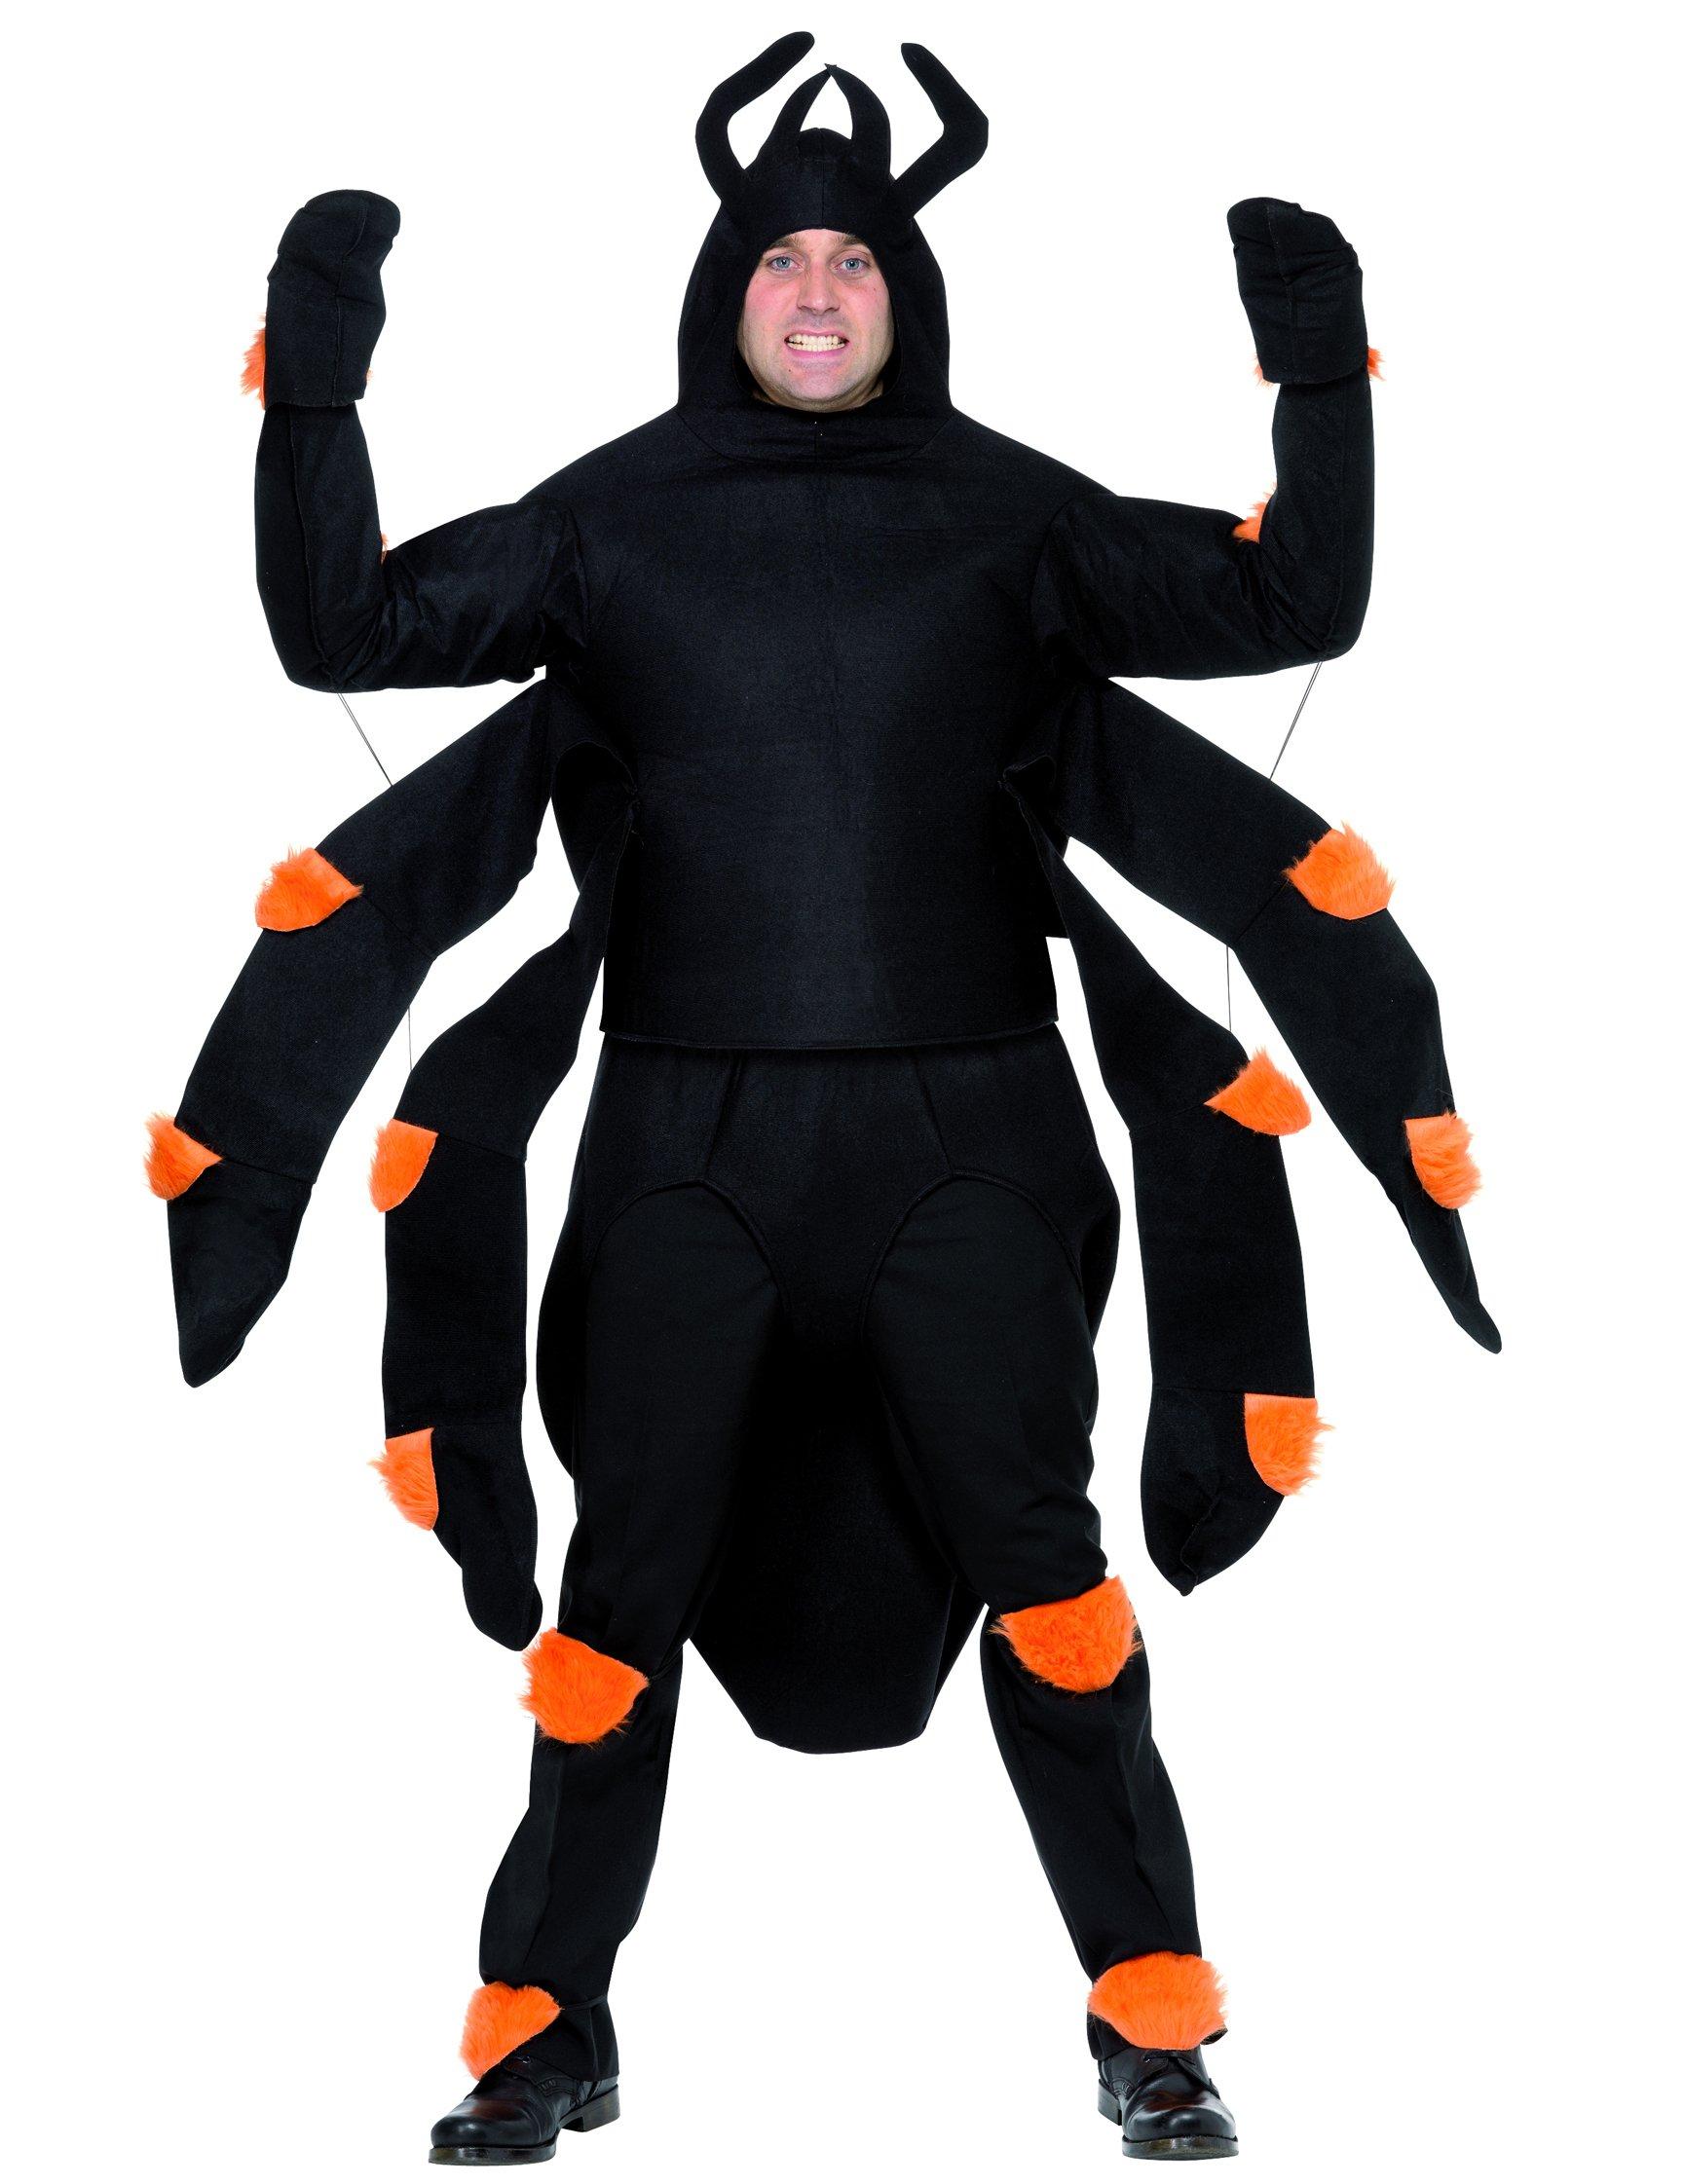 costume d 39 homme araign e pour adultes. Black Bedroom Furniture Sets. Home Design Ideas